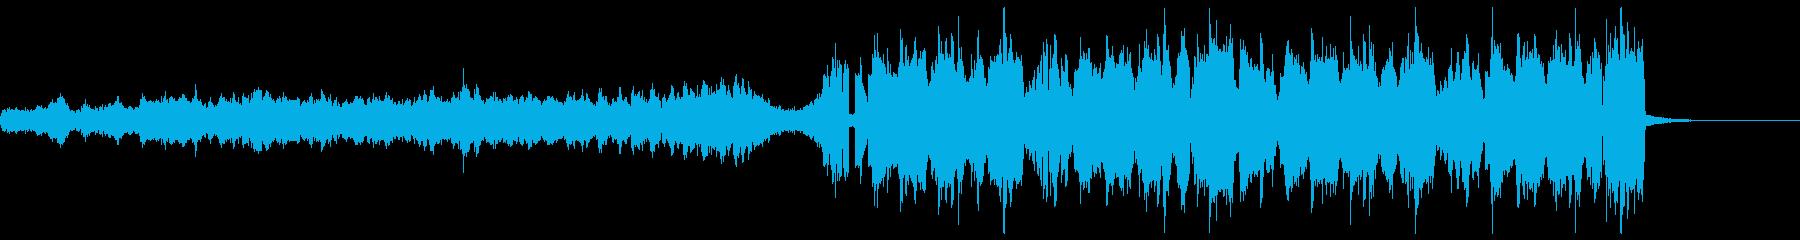 テンポの速い変則ビートの再生済みの波形